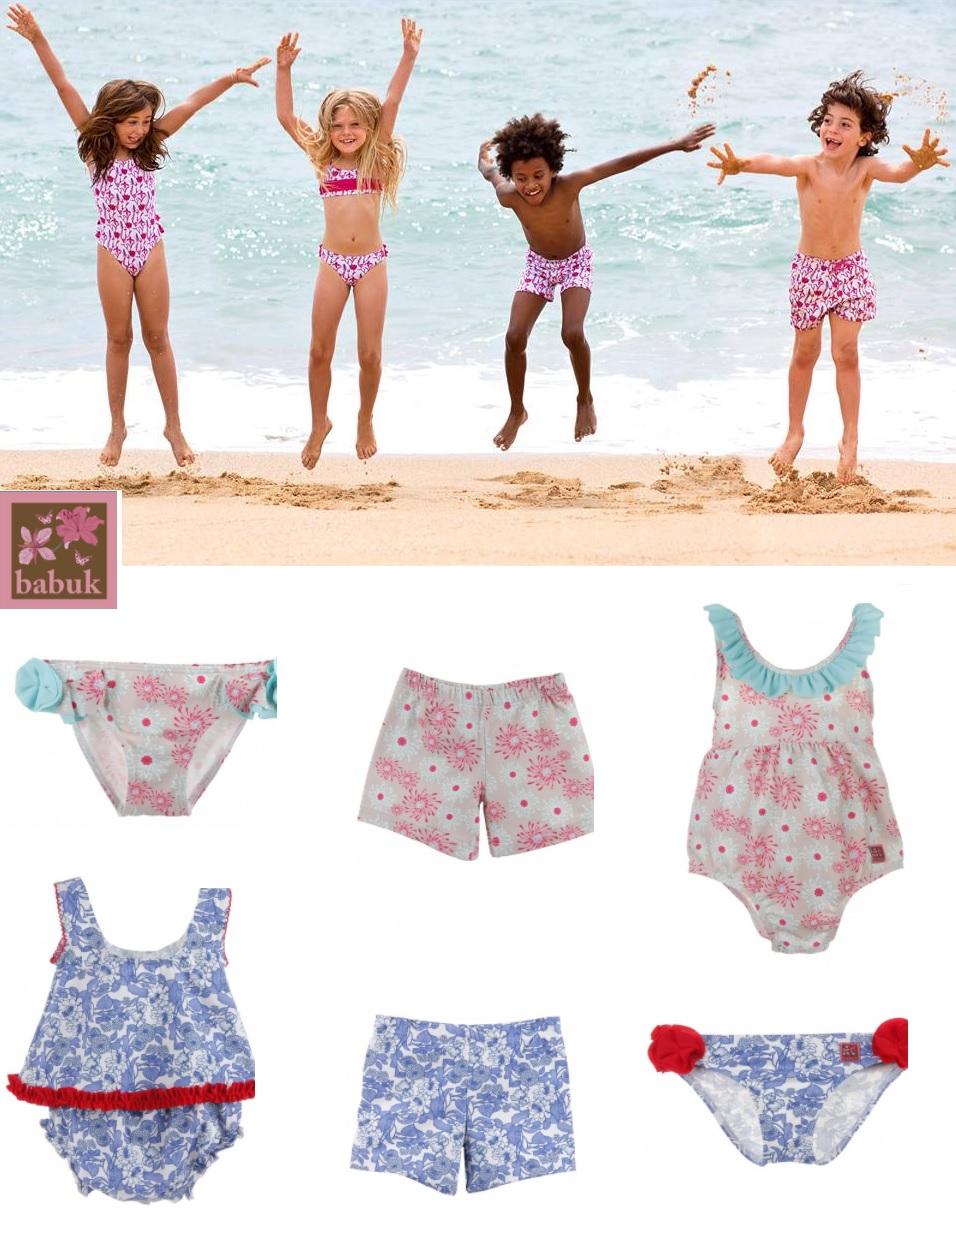 0fa685b12 Estas son algunas de las colecciones de bañadores infantiles de Babuk. En  Pequesybebés podrás encontrar otros modelos igual de divertidos y alegres a  los ...